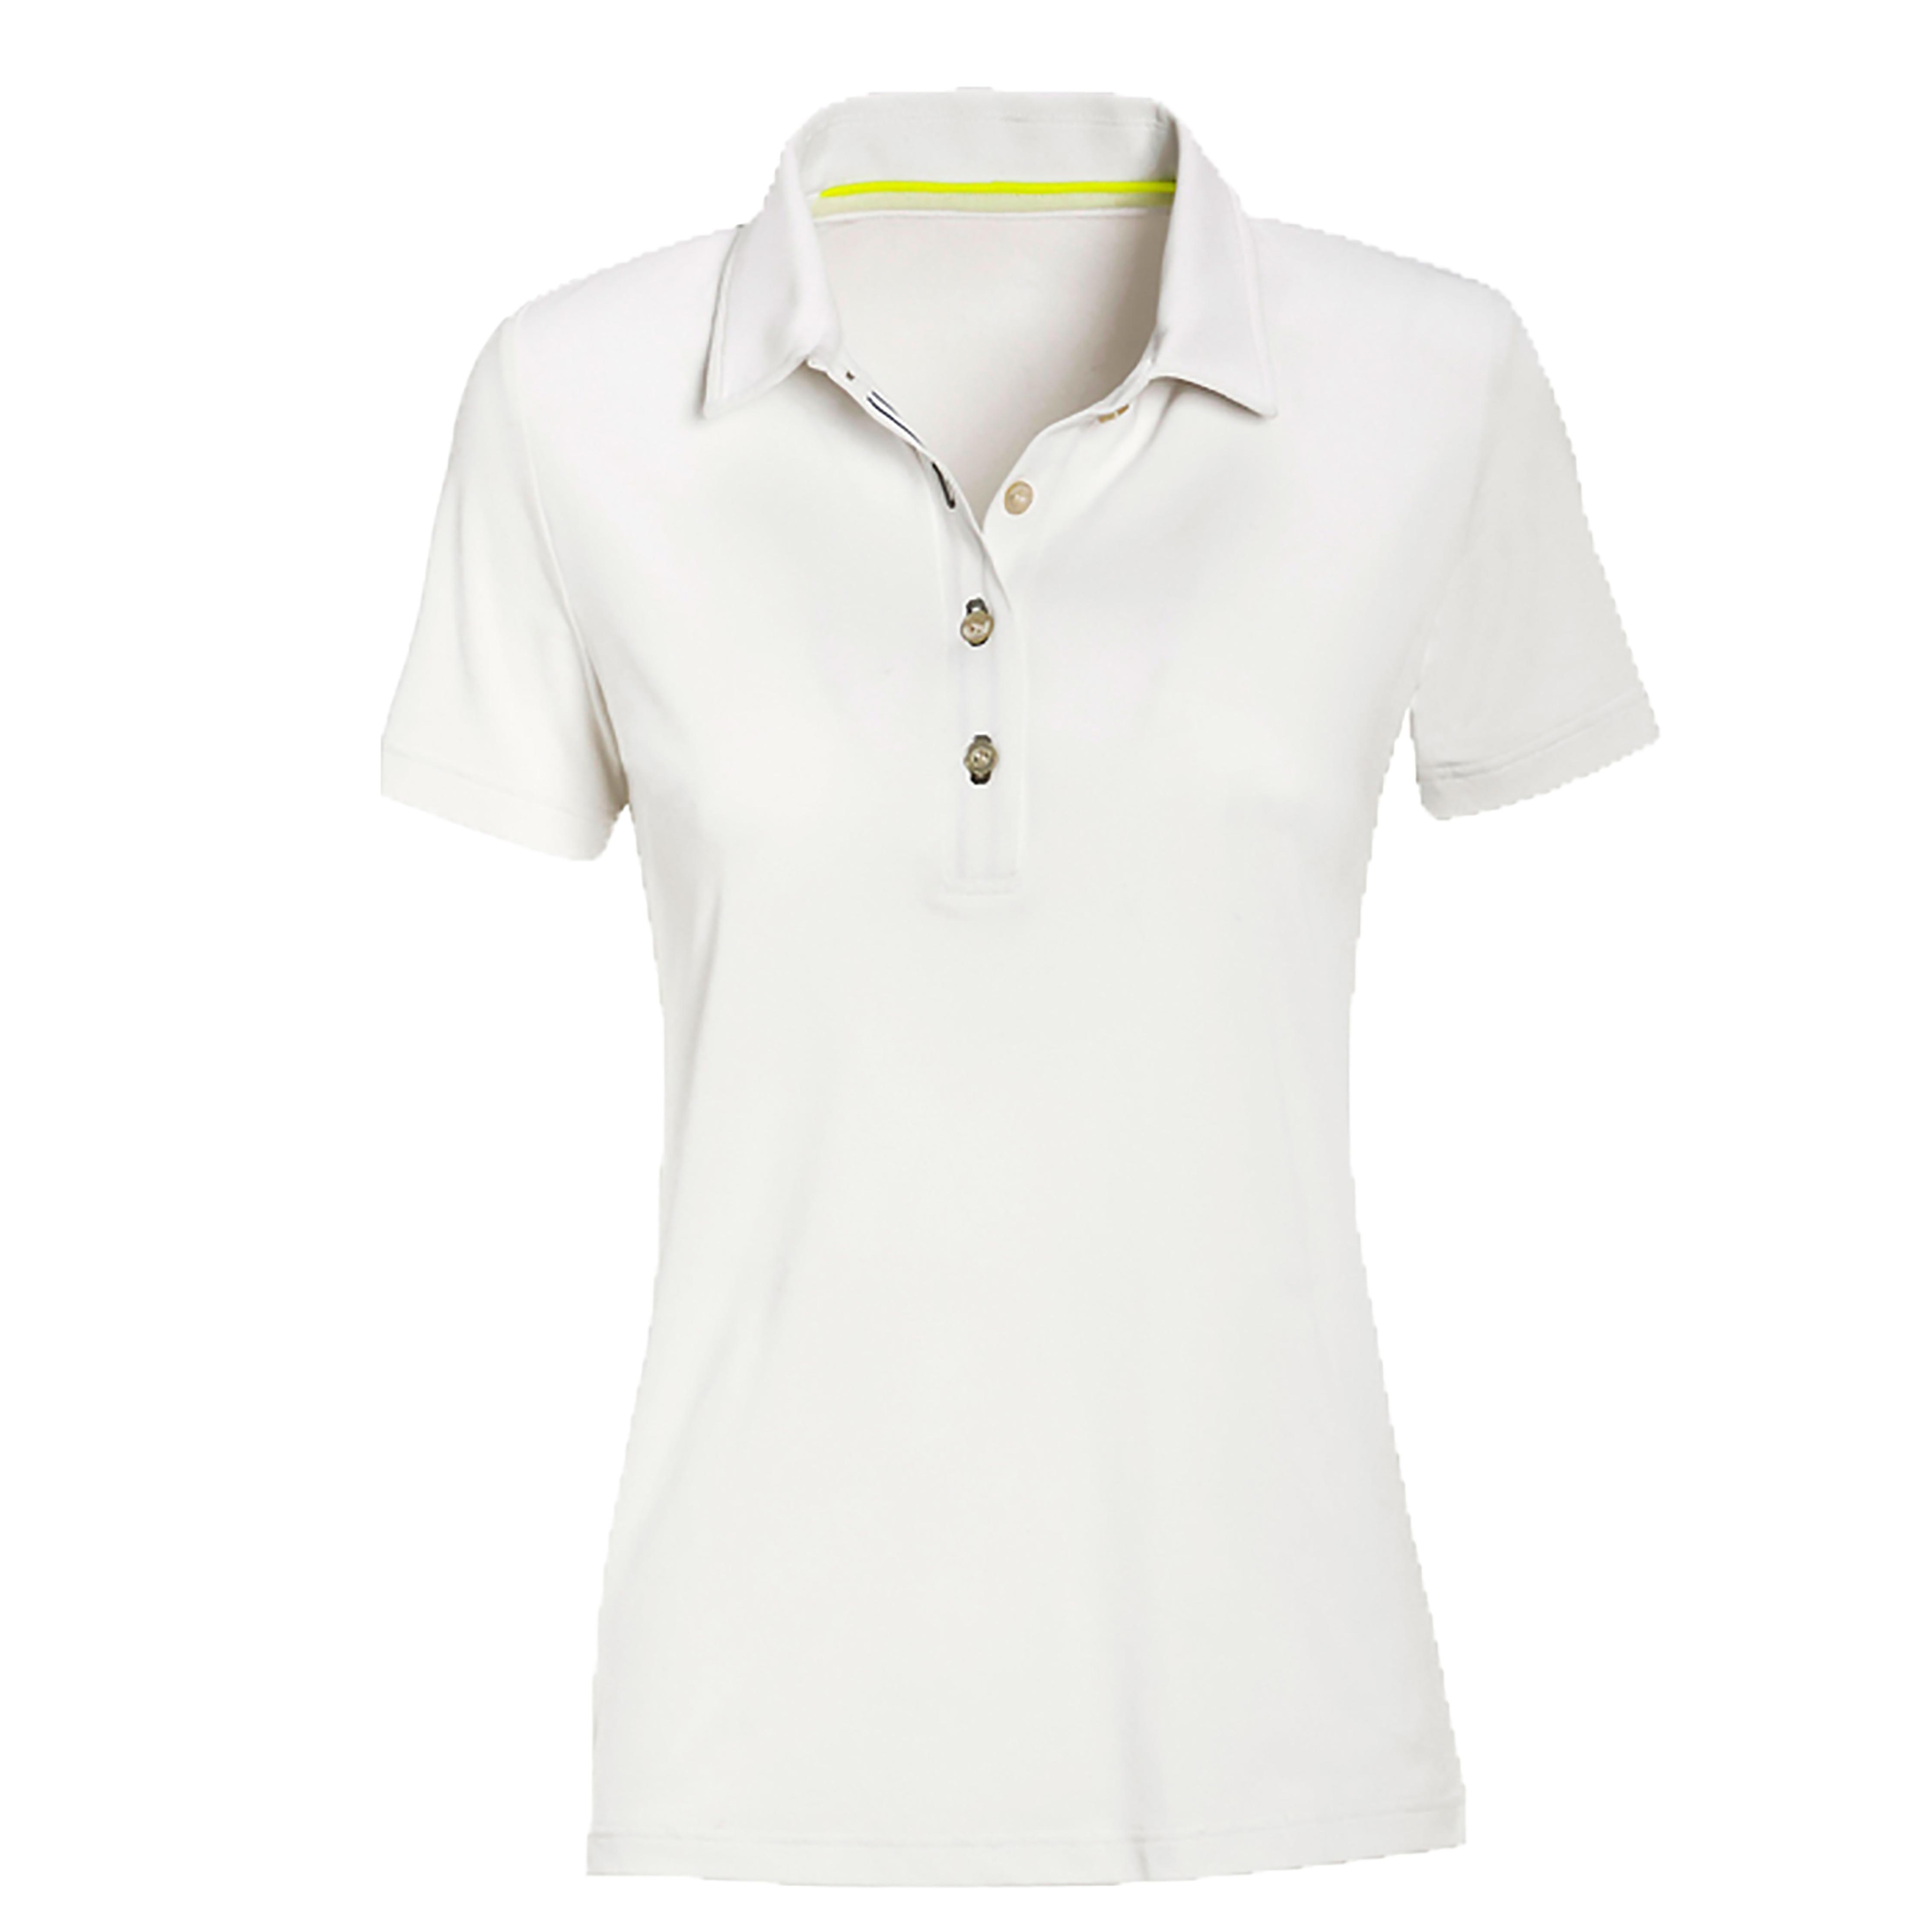 Toio Bay Techno Polo Shirt Woman